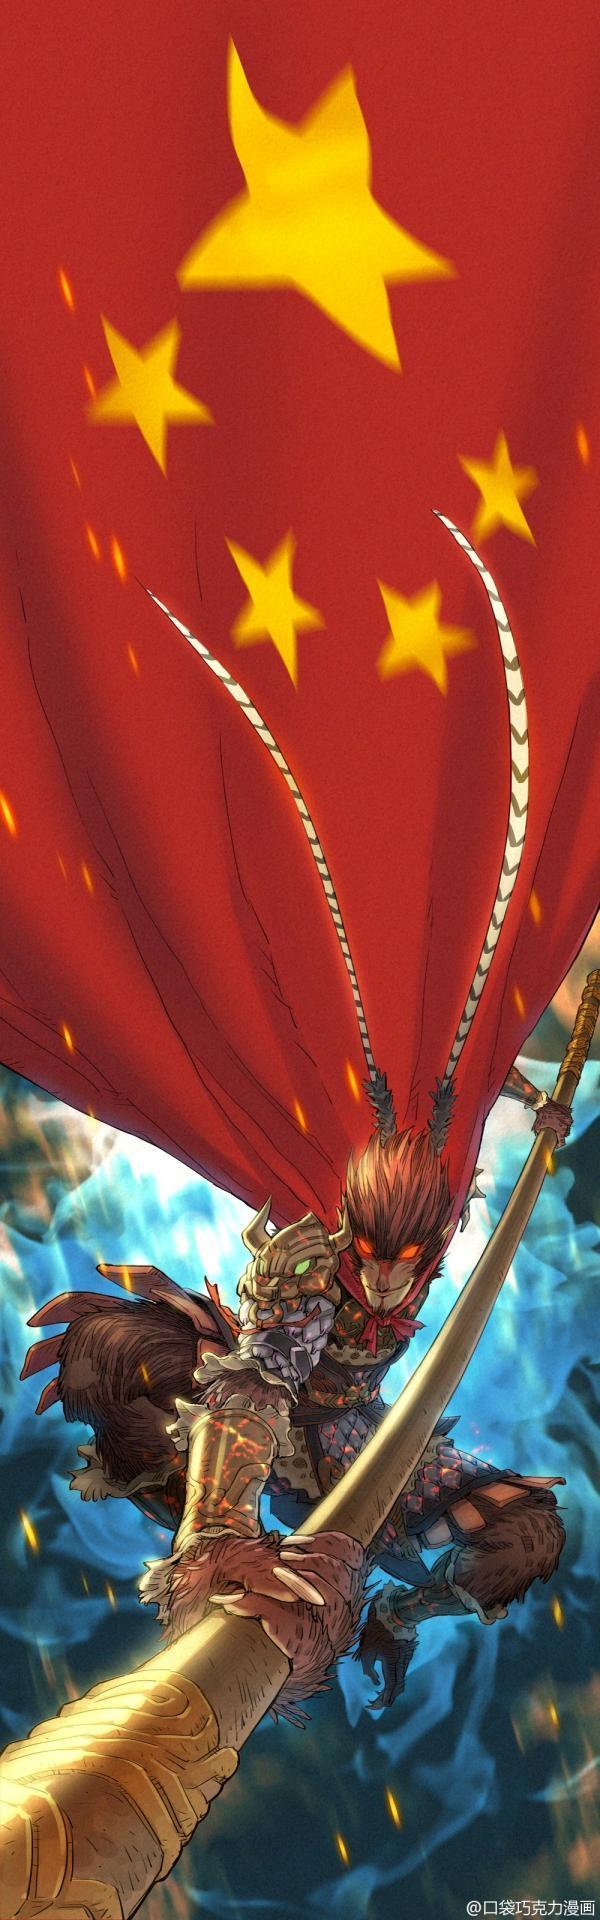 漫画家为大圣披上五星红旗 遭网友批评